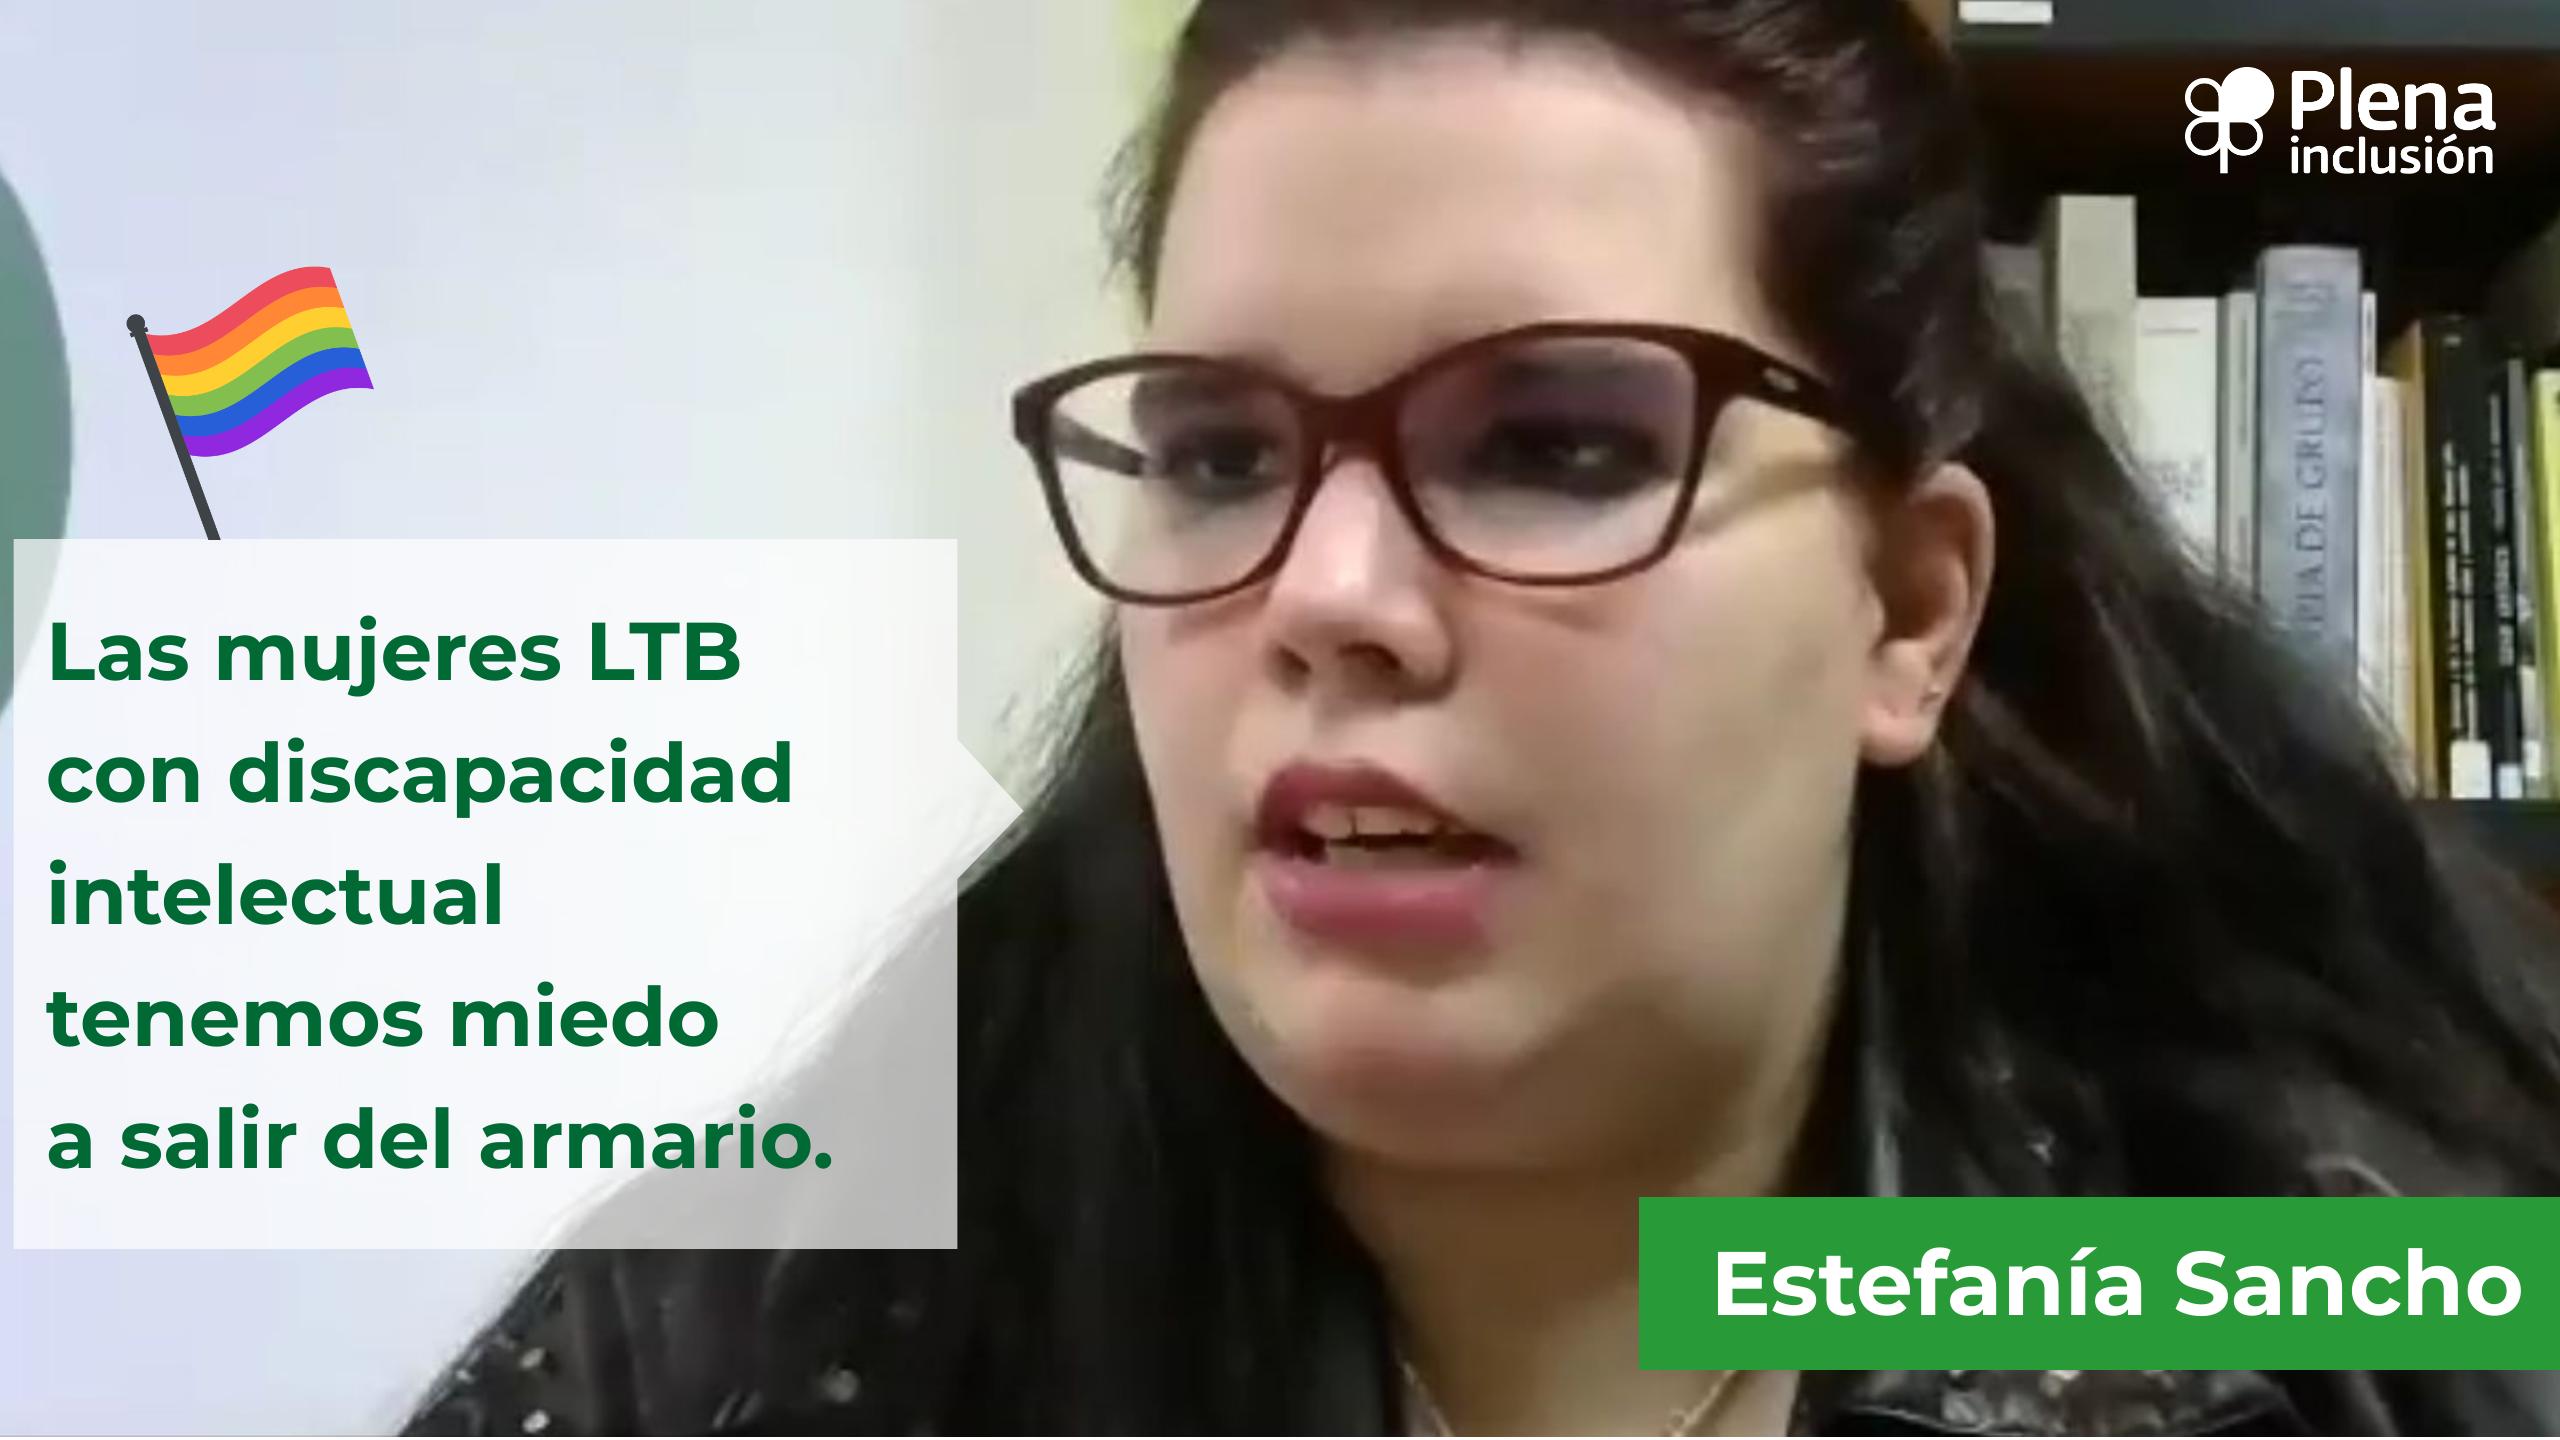 Ir a : Estefanía Sancho: «Las entidades de Plena inclusión deberían acompañar a personas LGTB con discapacidad intelectual a conocer colectivos LGTBI»